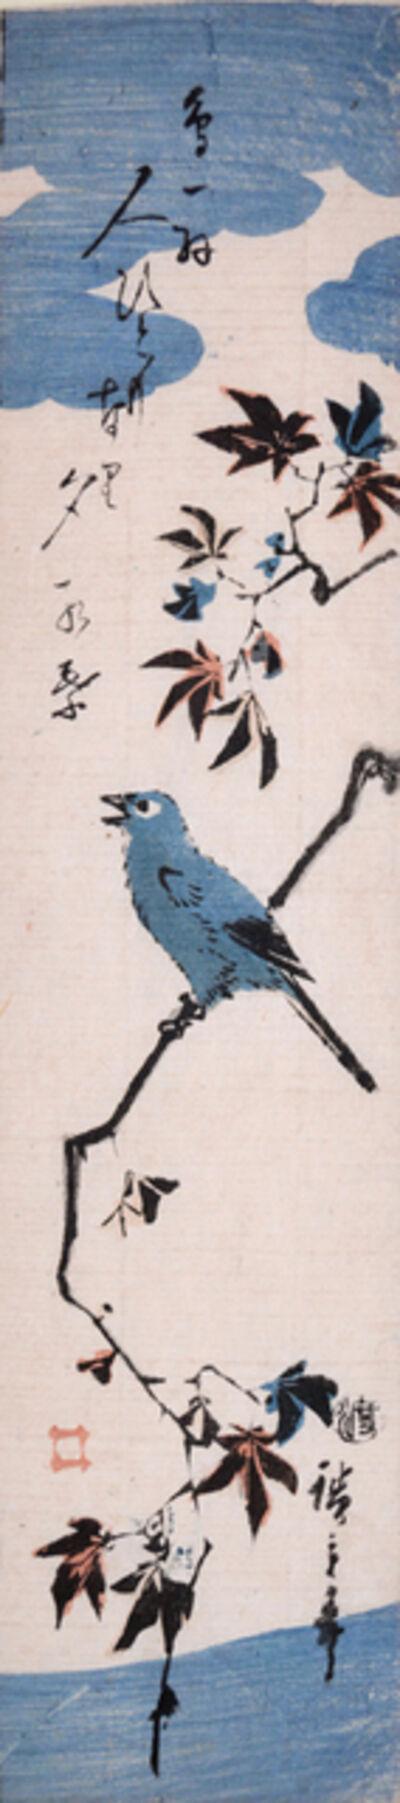 Utagawa Hiroshige (Andō Hiroshige), 'Japanese White-eye on Autumn Maple', ca. 1845